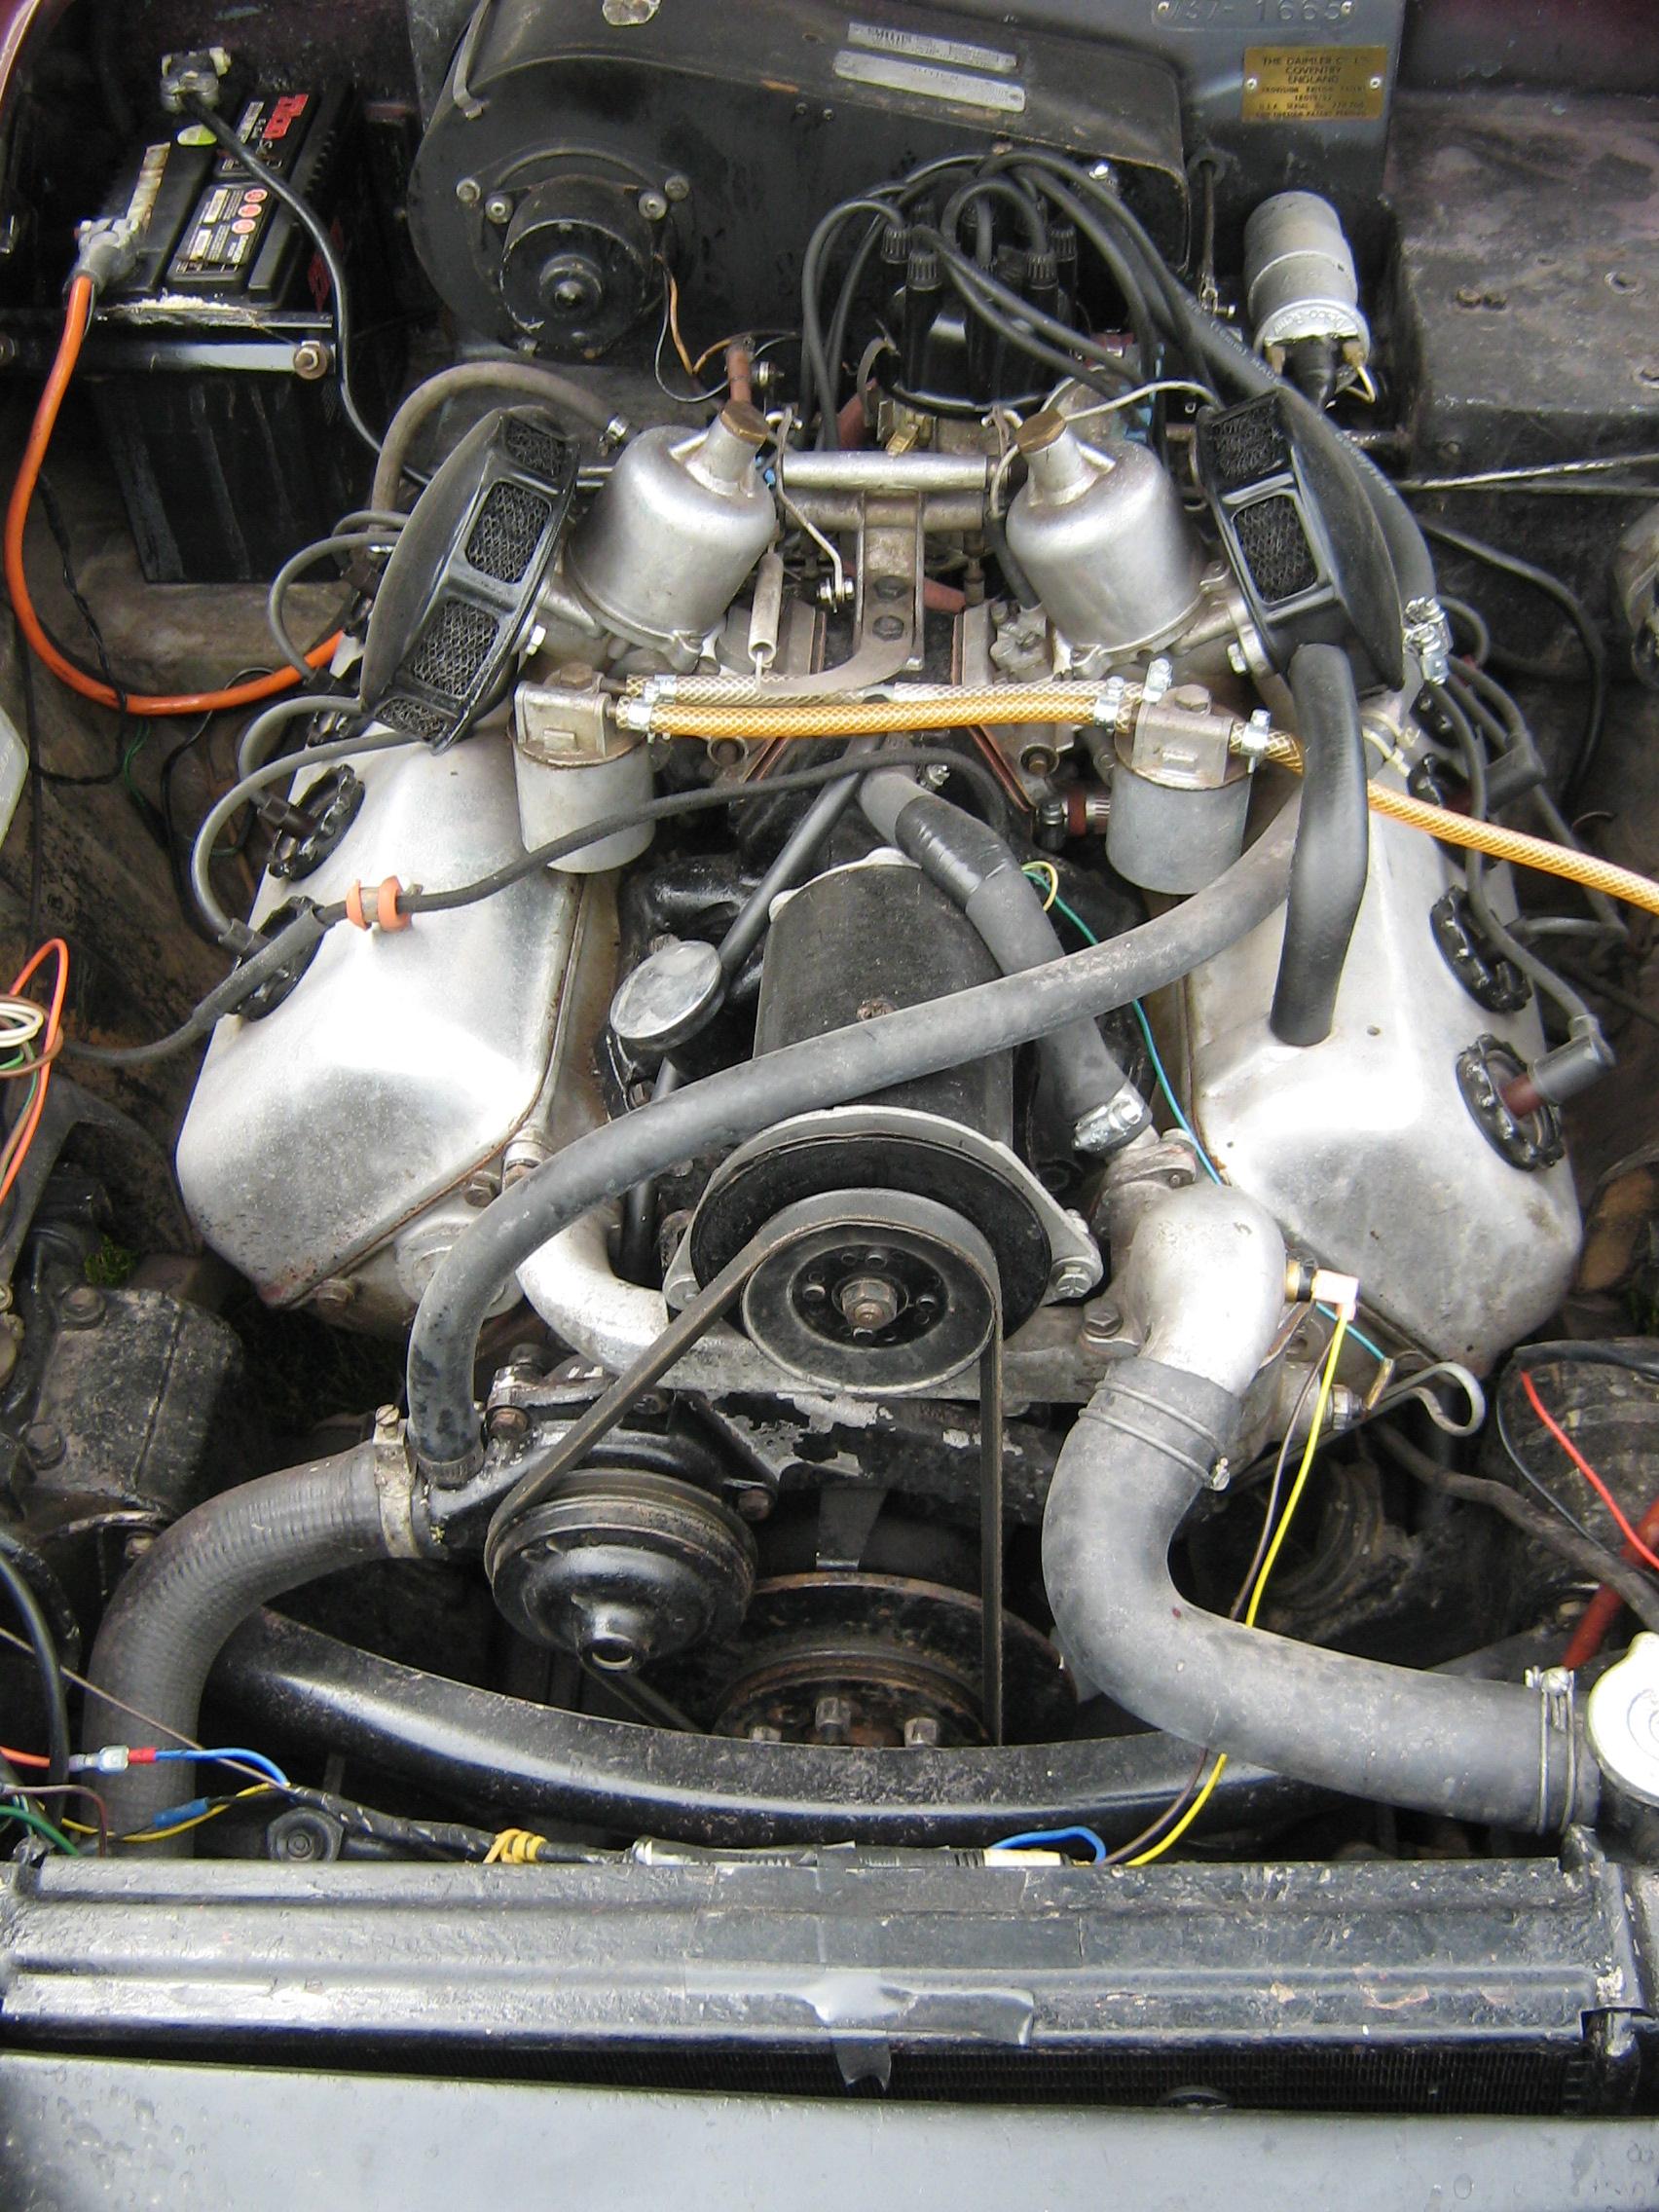 07 daytona 675 wiring diagram free picture file daimler sp250 v8 engine 1963 3737131536 jpg  file daimler sp250 v8 engine 1963 3737131536 jpg